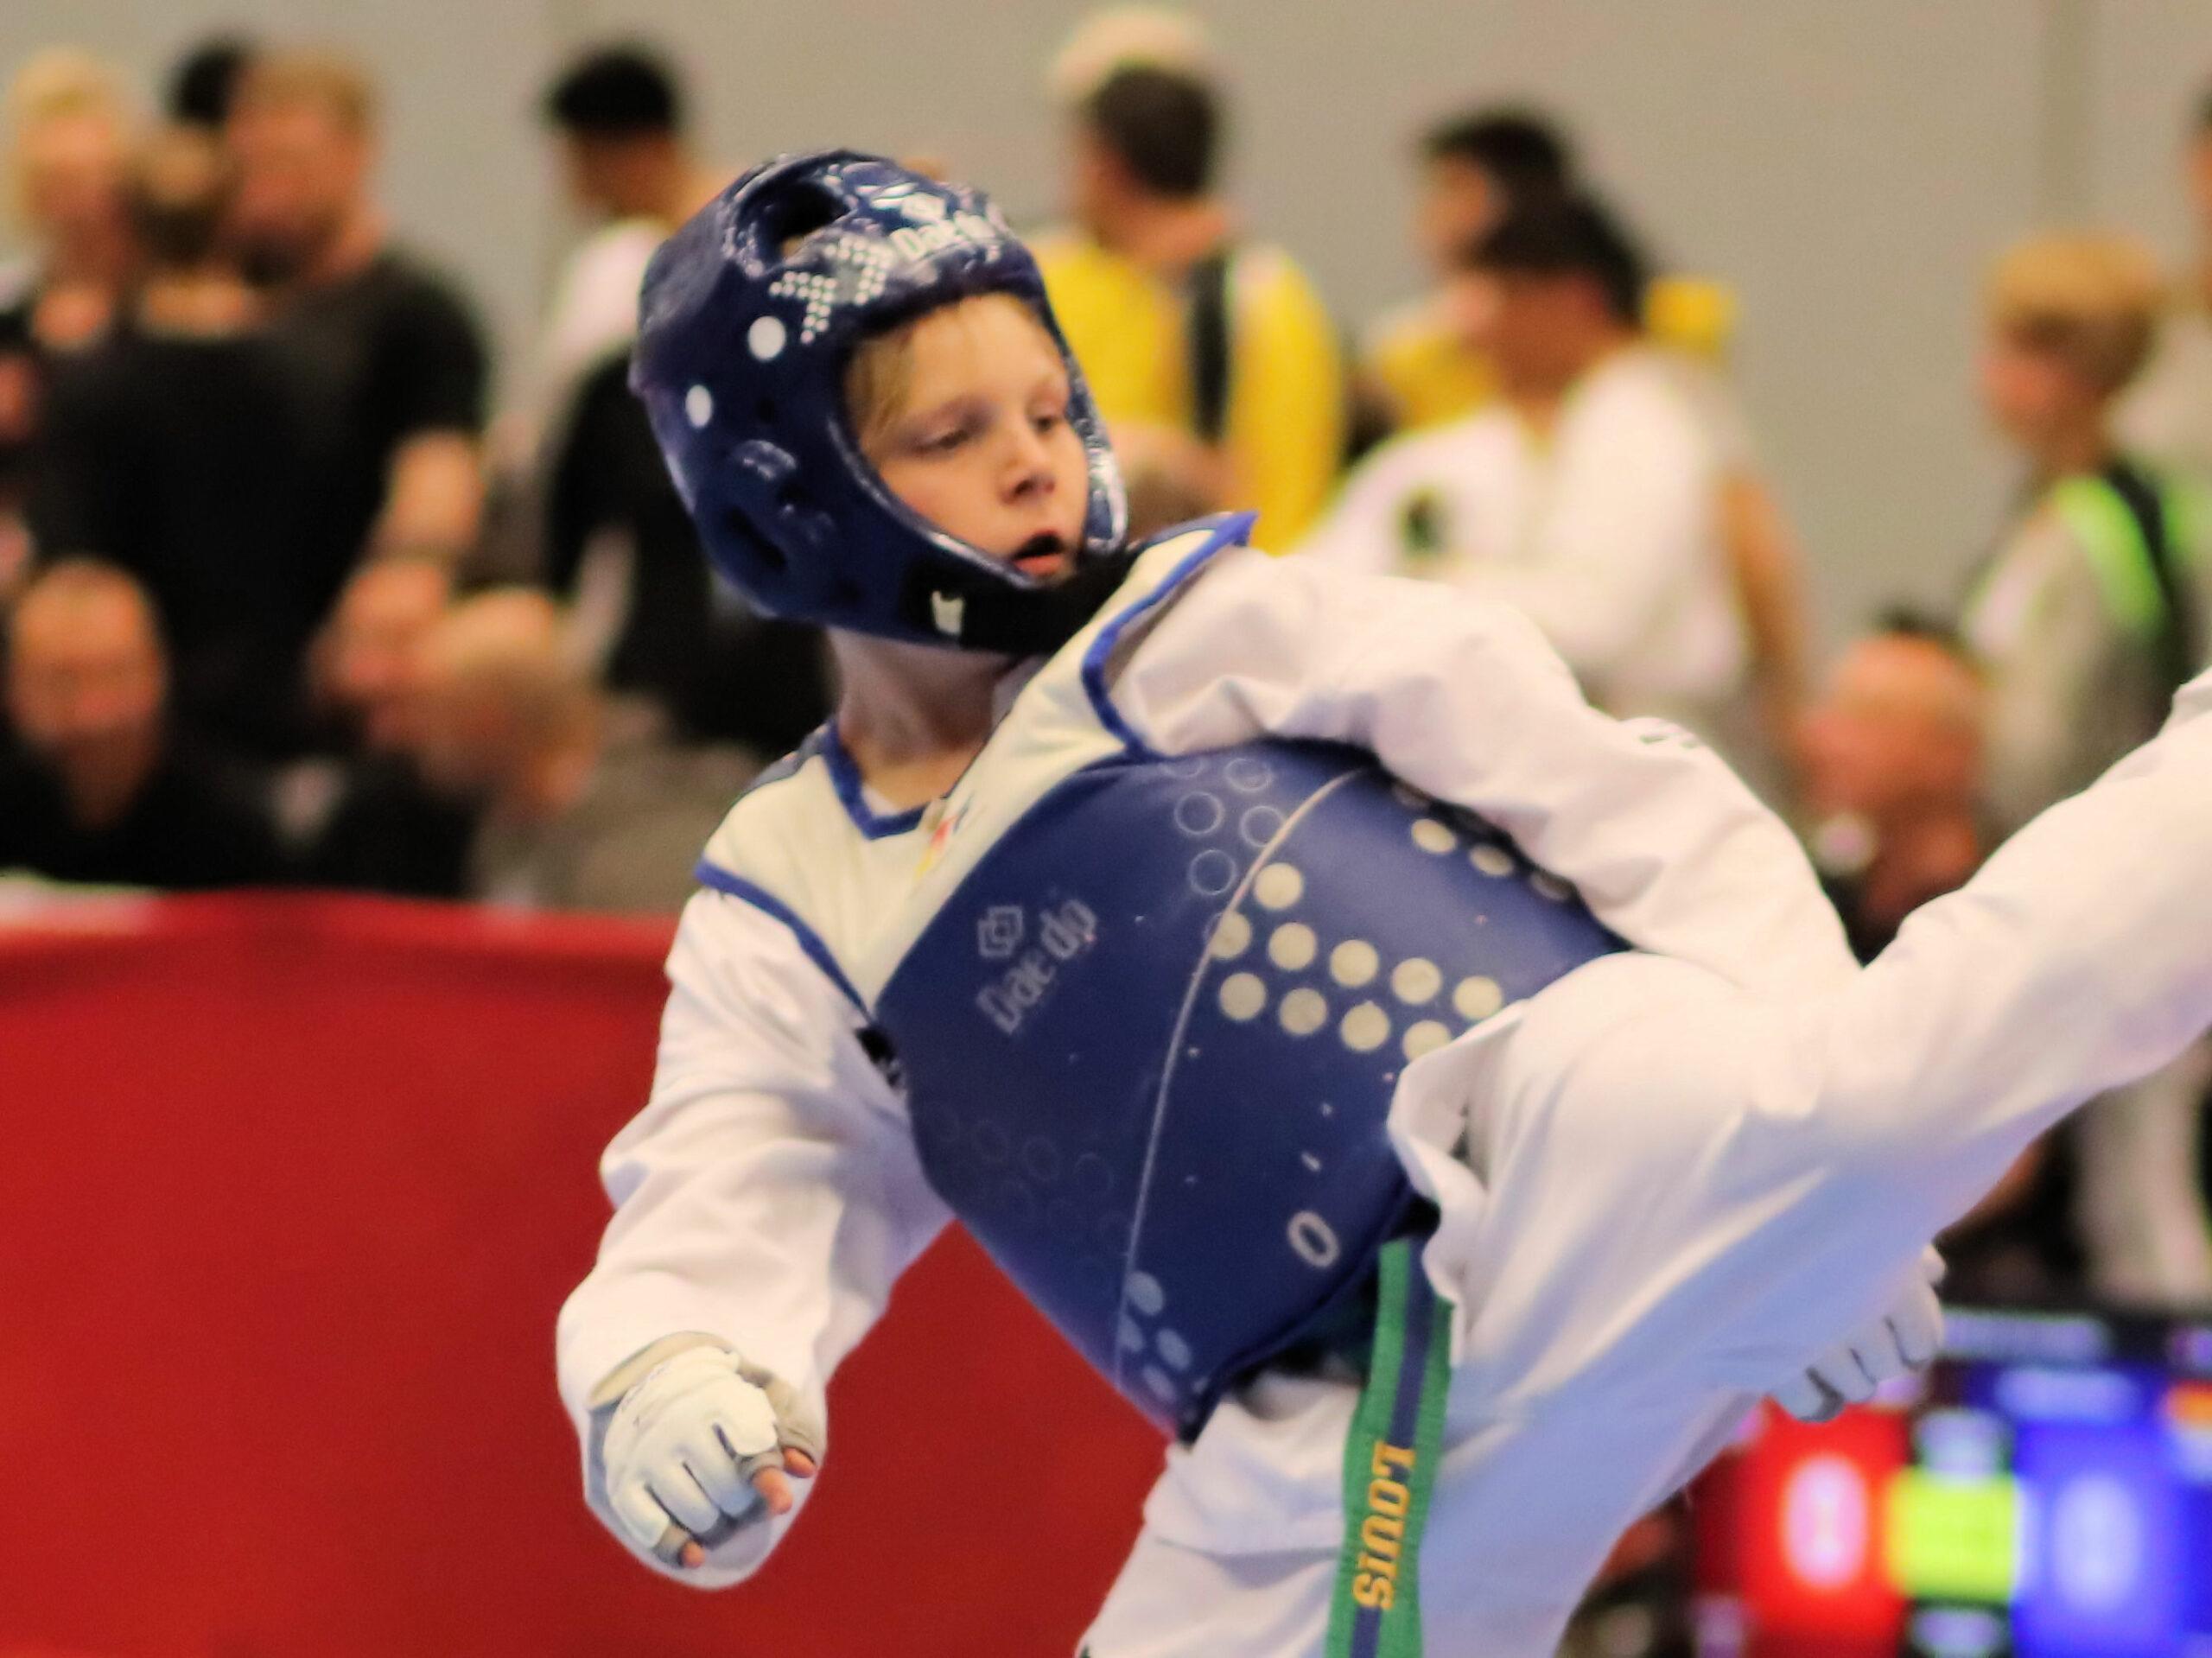 Louis Engels - Taekwondo Sportschule Cinar e.V.